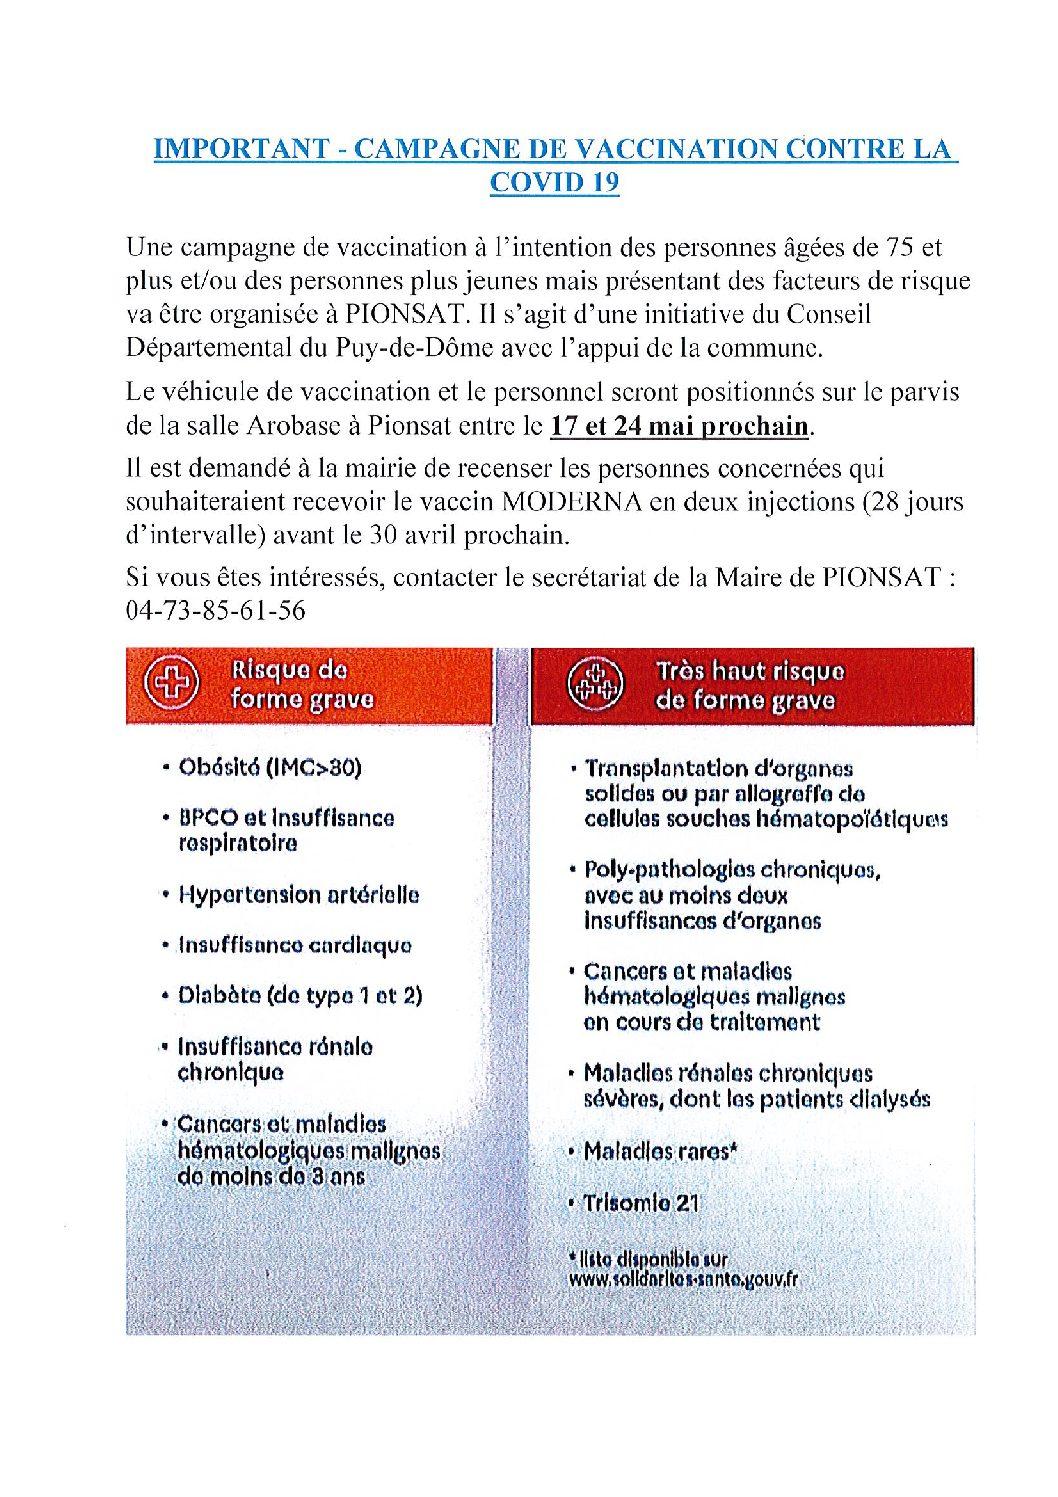 CAMPAGNE DE VACCINATION CONTRE LA COVID 19